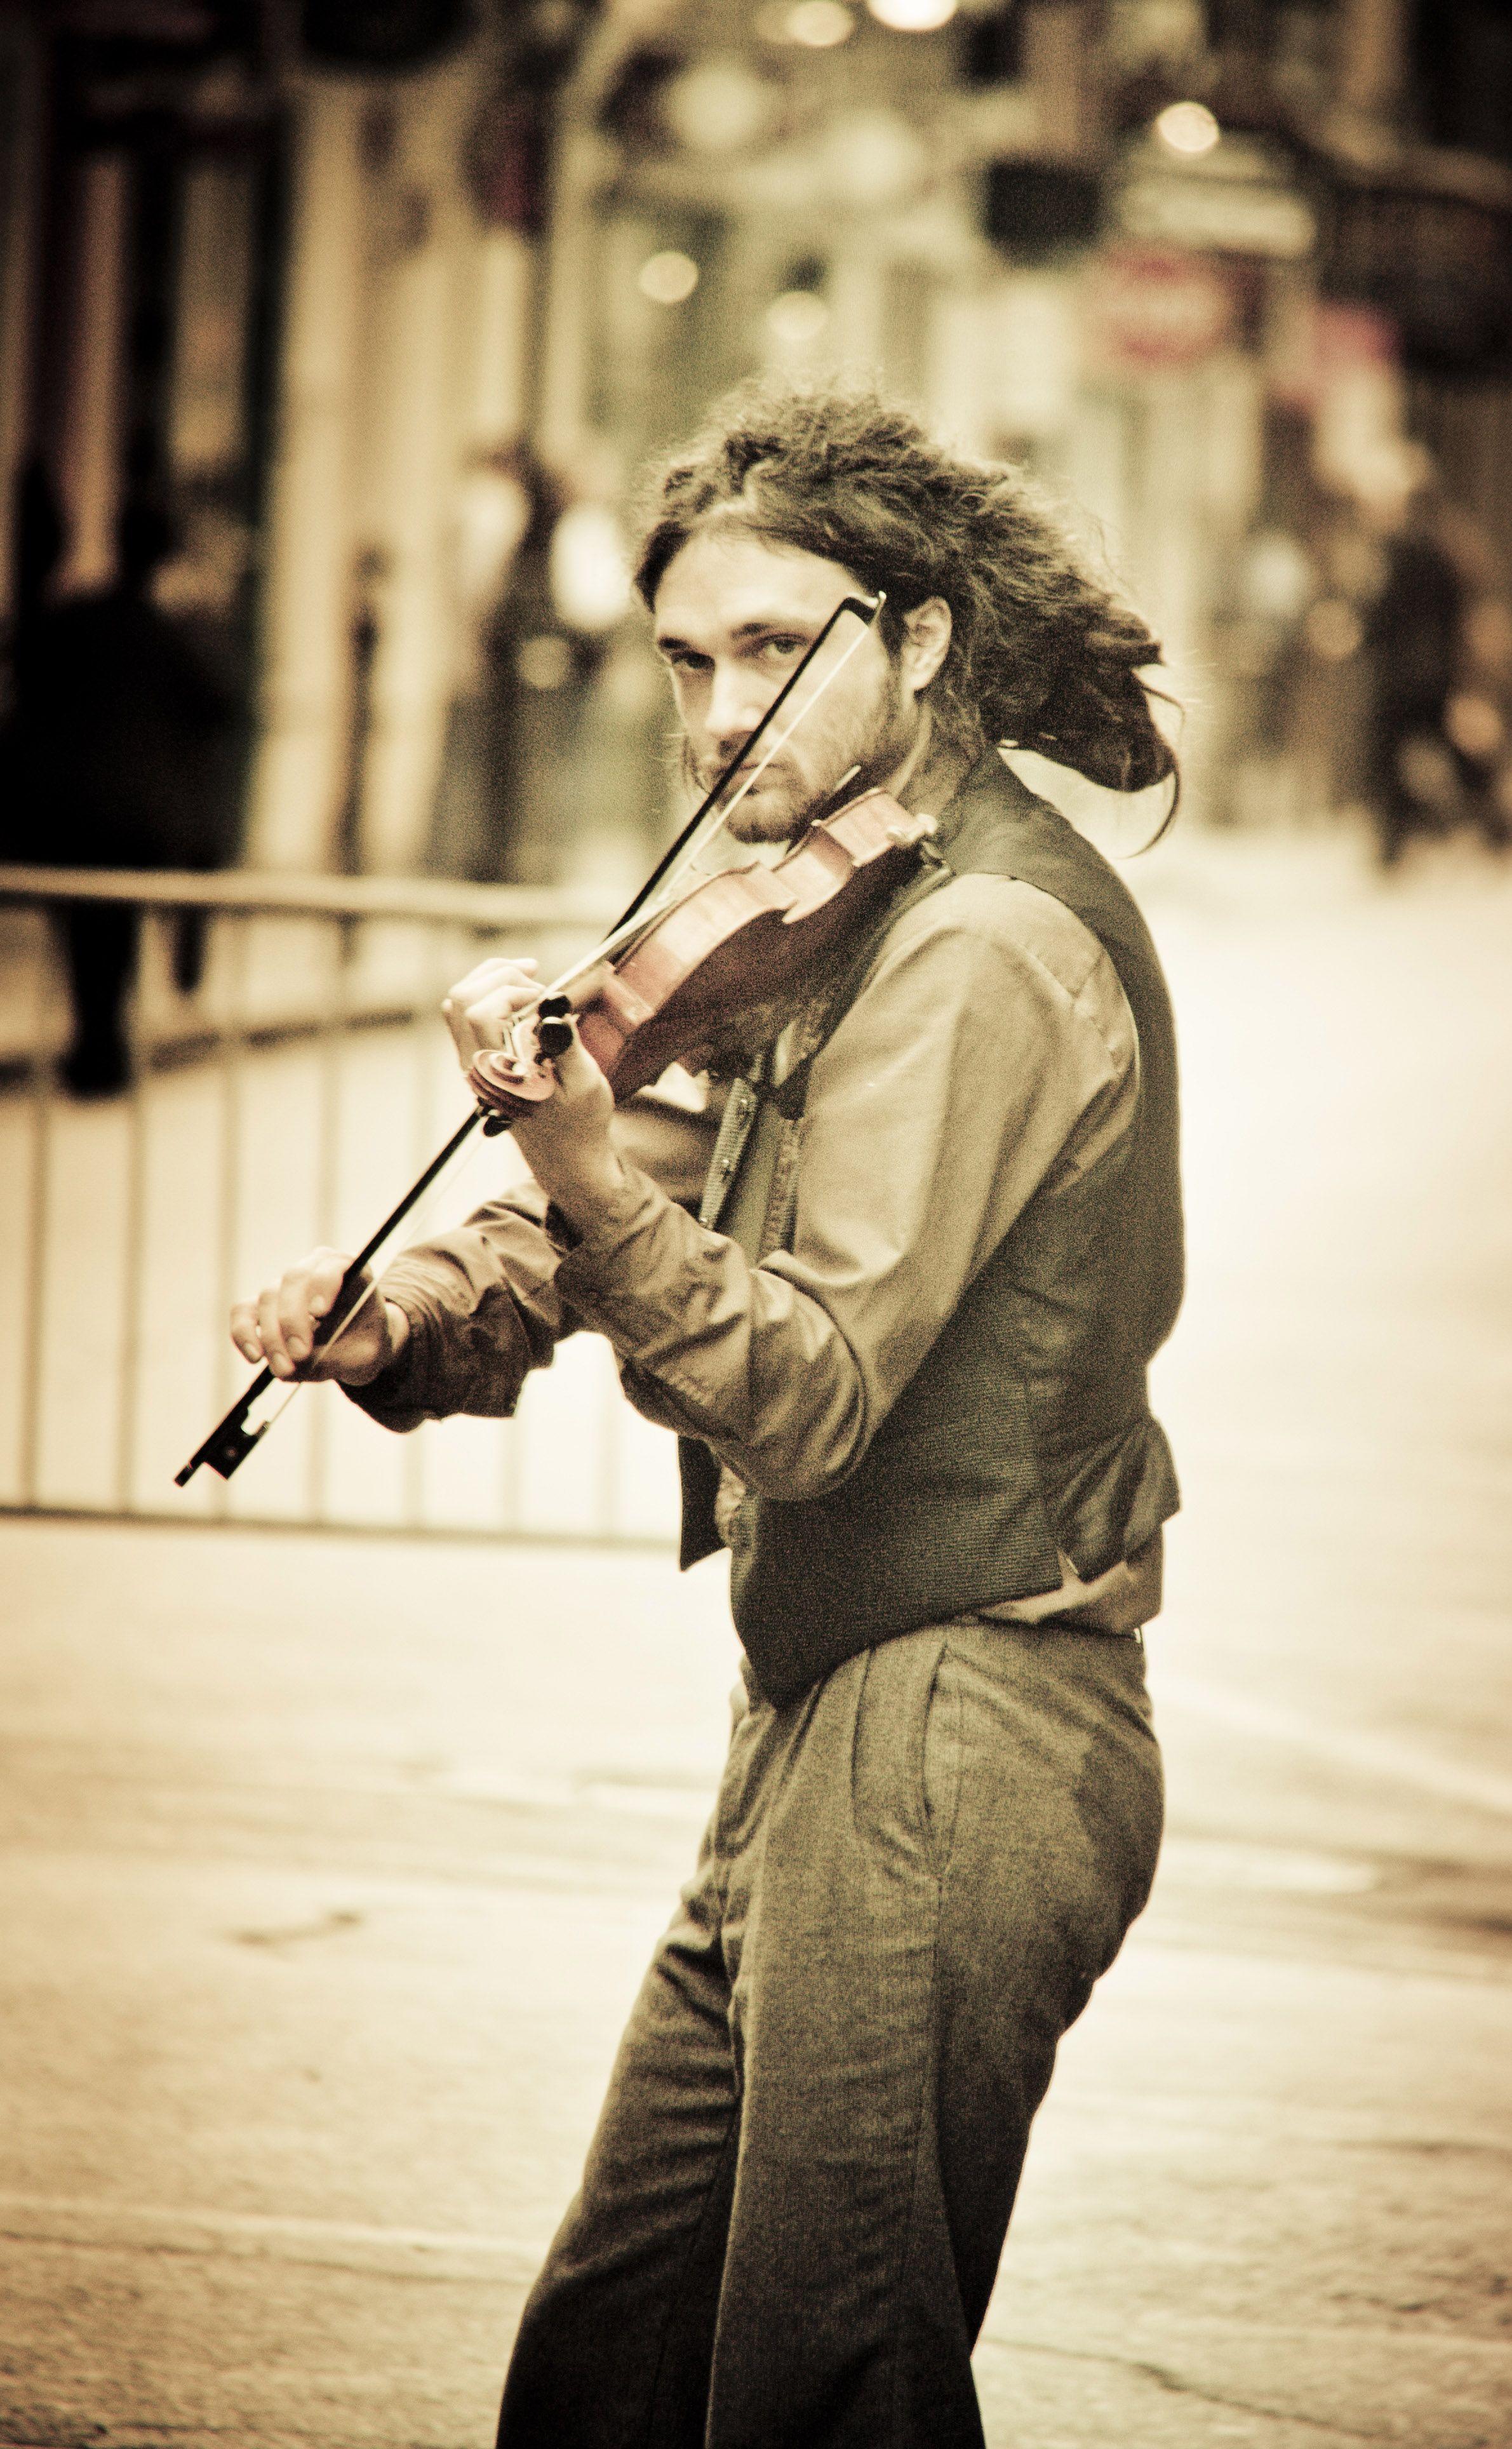 Music Street Musician New Orleans Street Musician Musician Music Photography